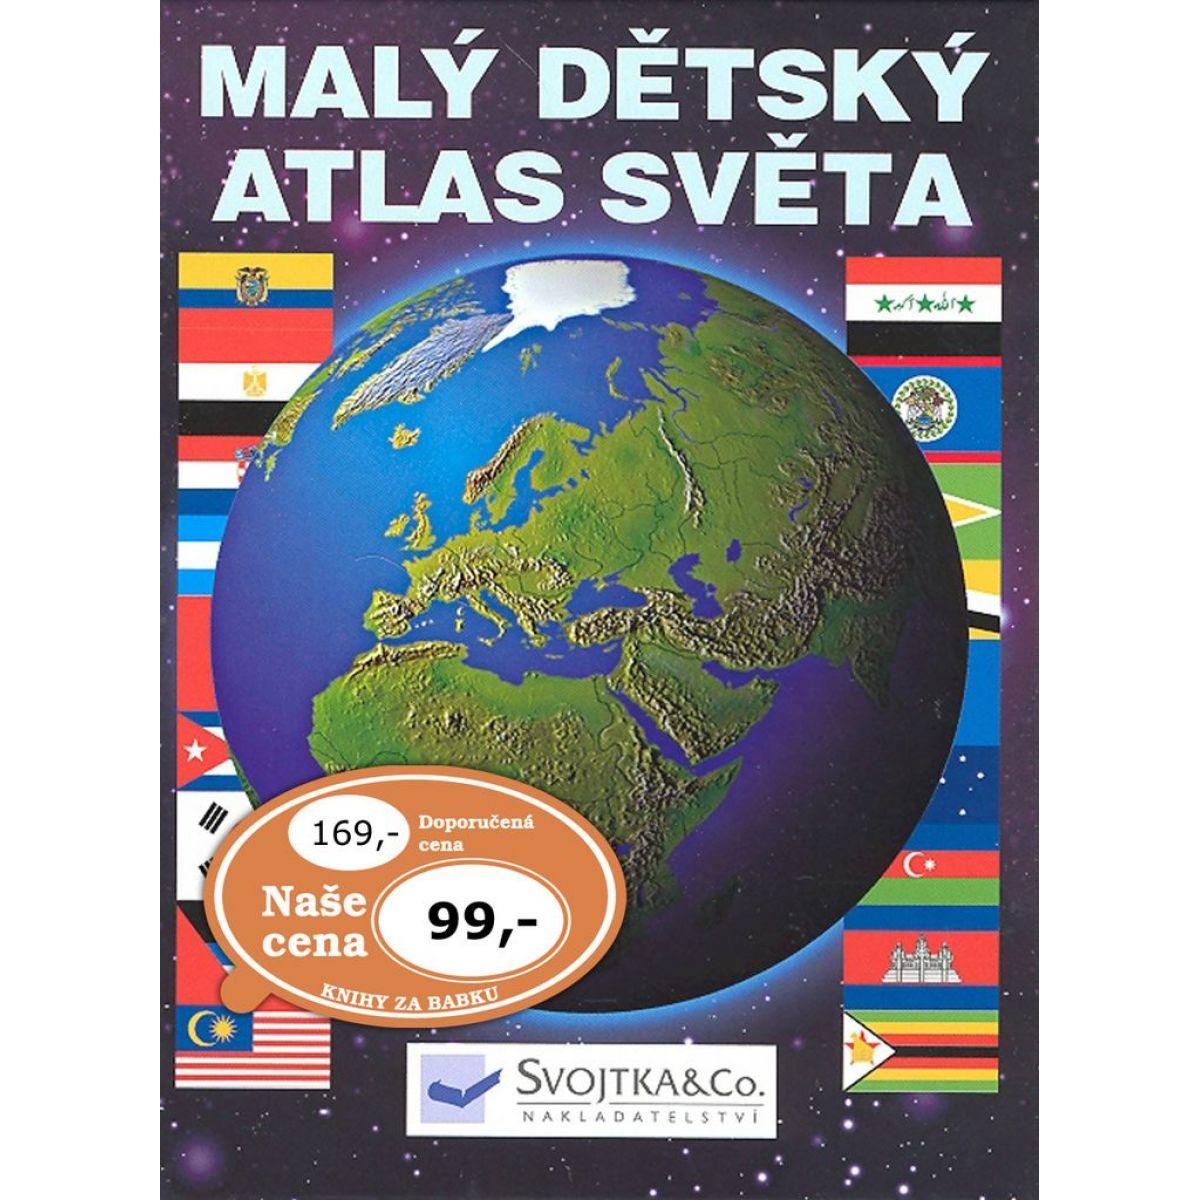 Malý detský atlas sveta